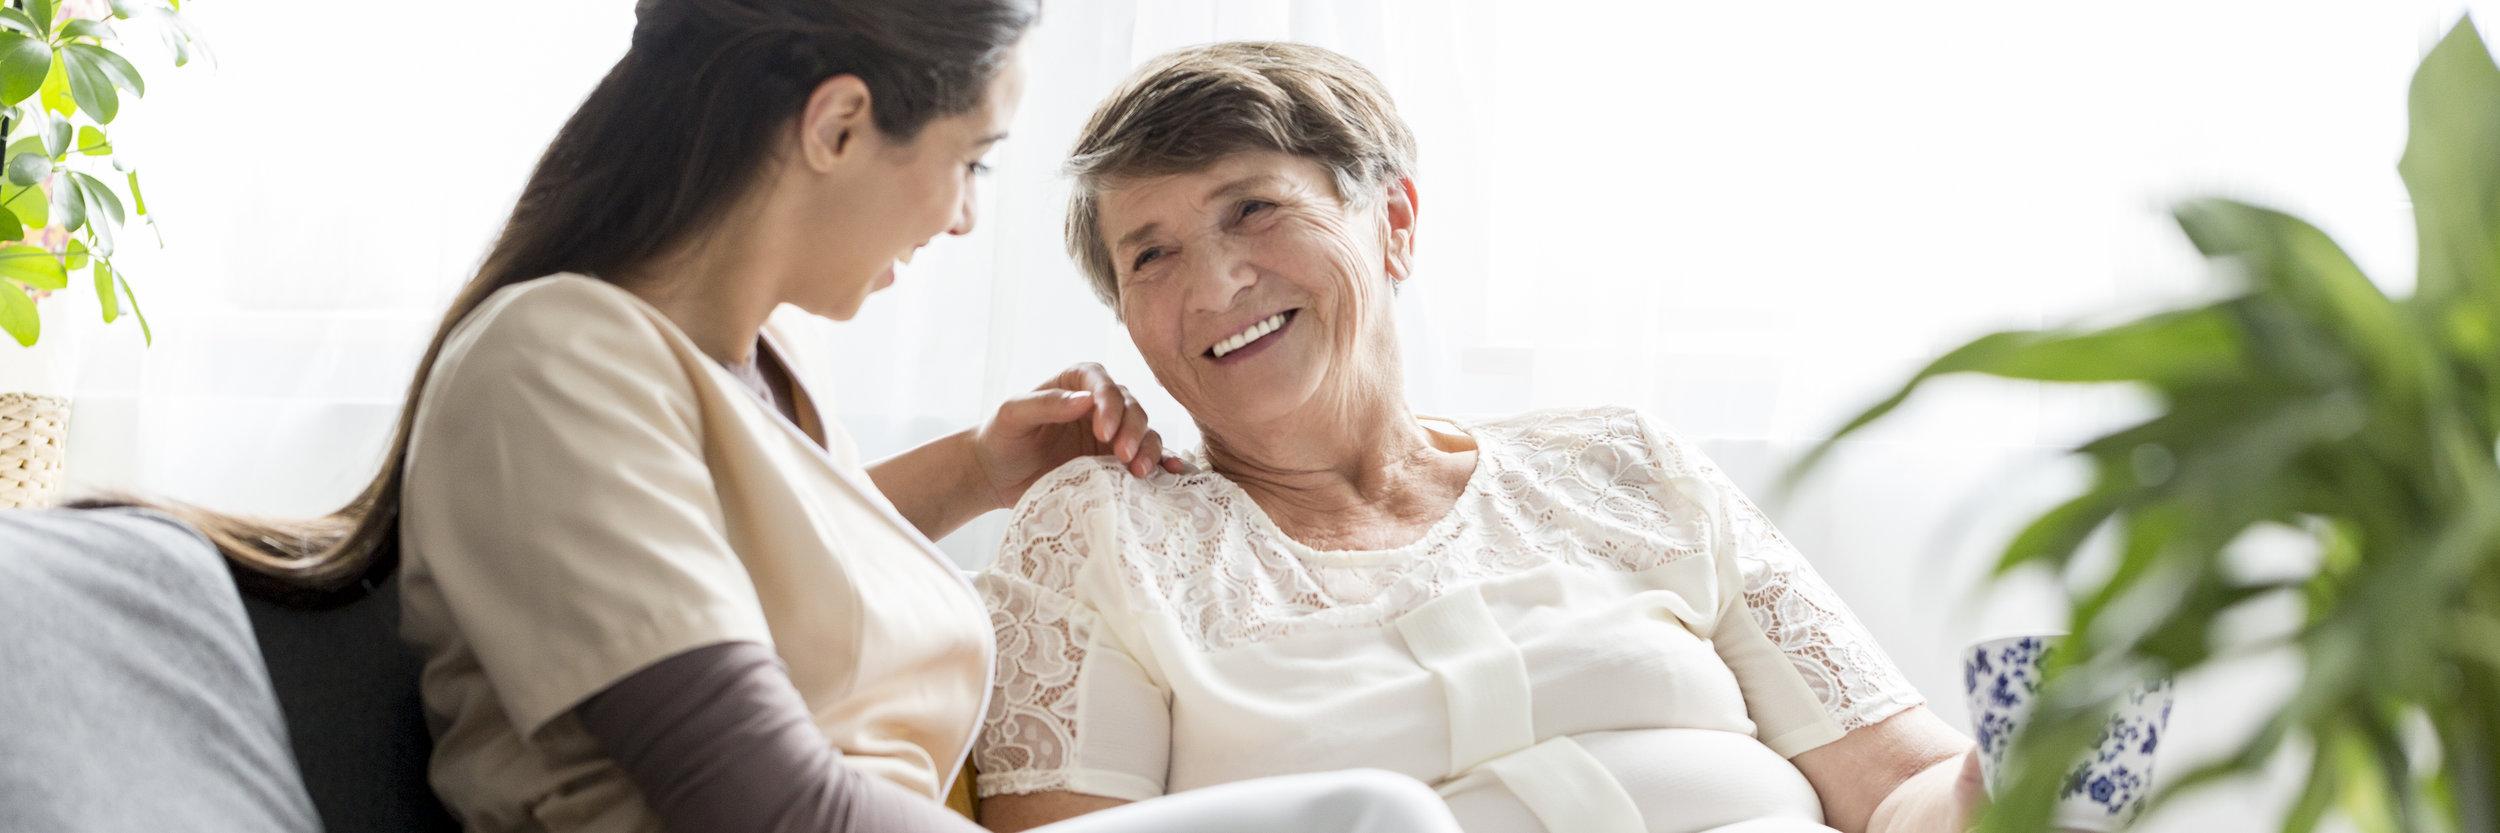 caregiver-an-caretaker-BLST87Q.jpg